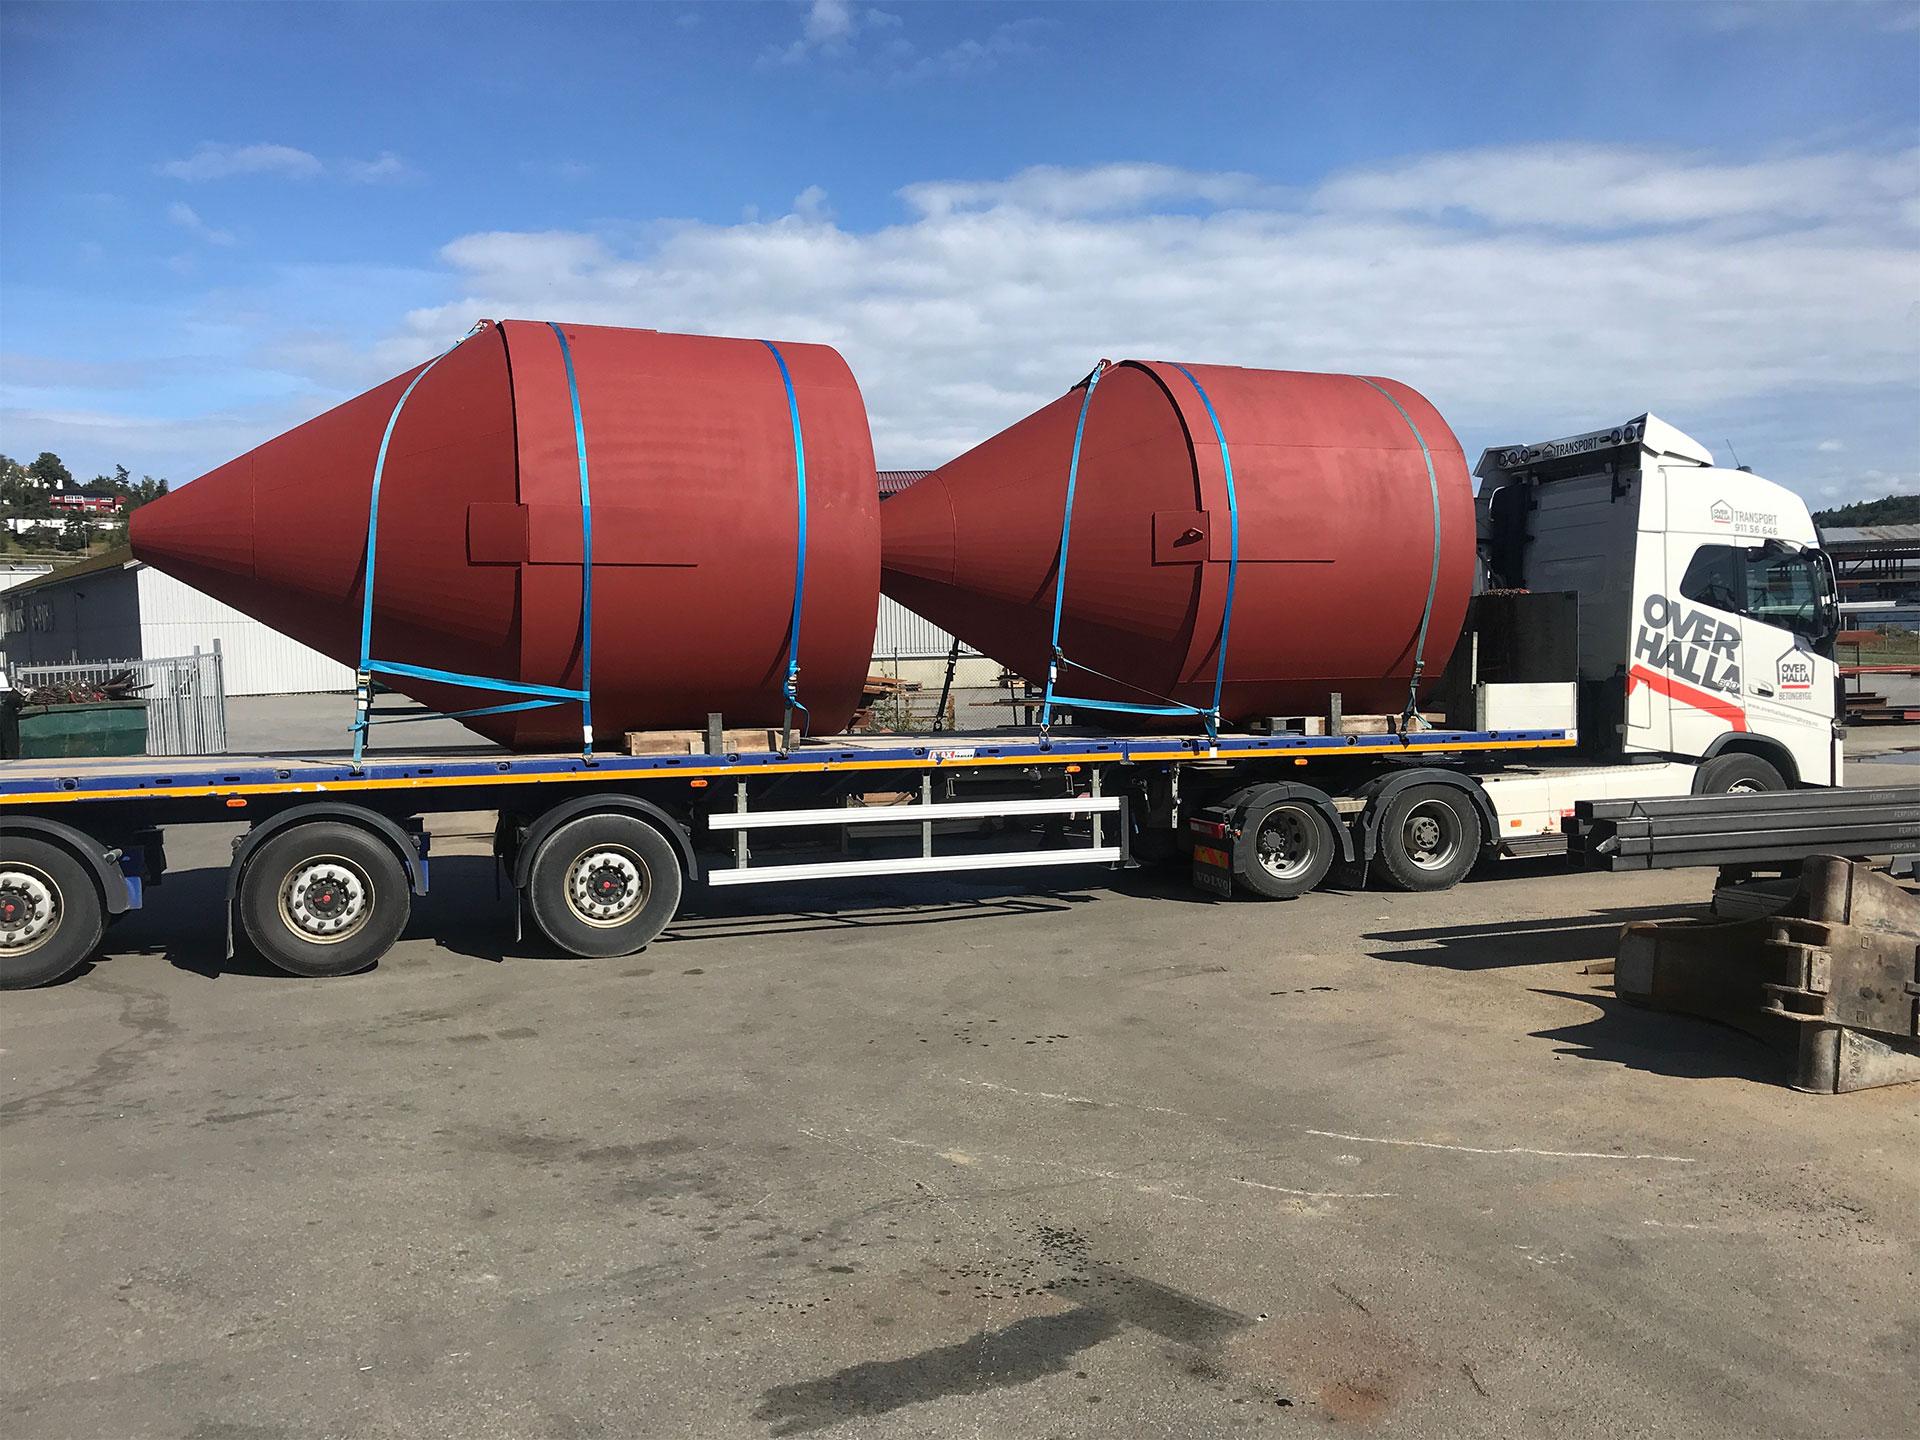 Nærmere 11 tonn stål brukt, for konstruksjon/produksjon av 2 stk 3.2 Ø-mtr og ca 12 mtr høye #SEMENTSILOER for kunde Overhalla Mek. Verksted AS (OMEK).